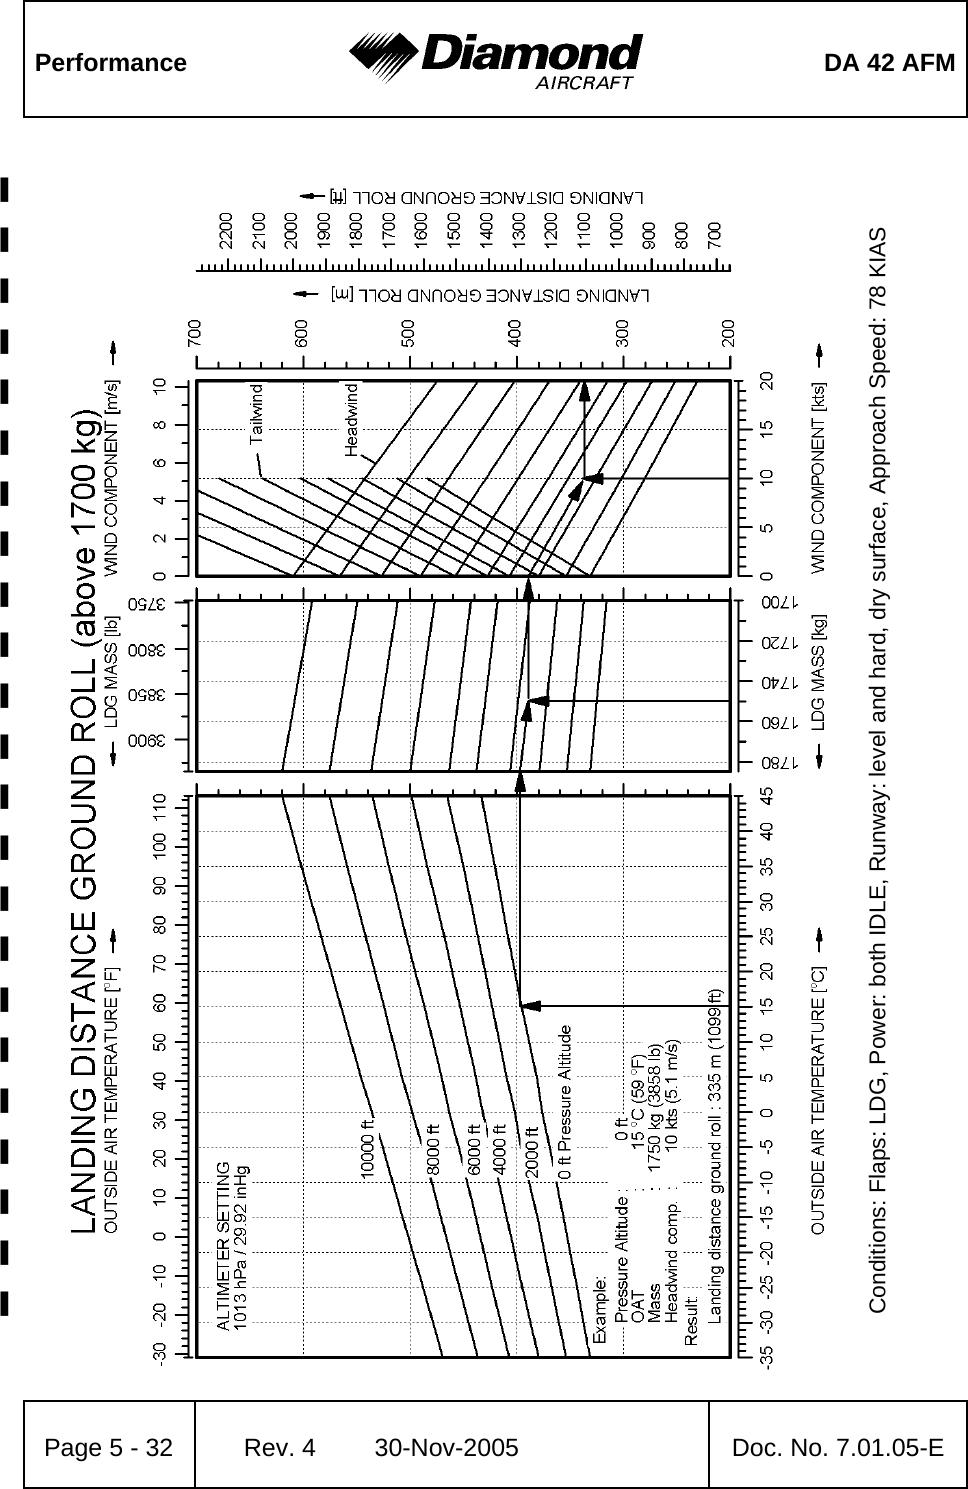 DA 42 AFM Rev  4 DA42_Diamond Twin_Flight Manual DA42 Diamond Twin